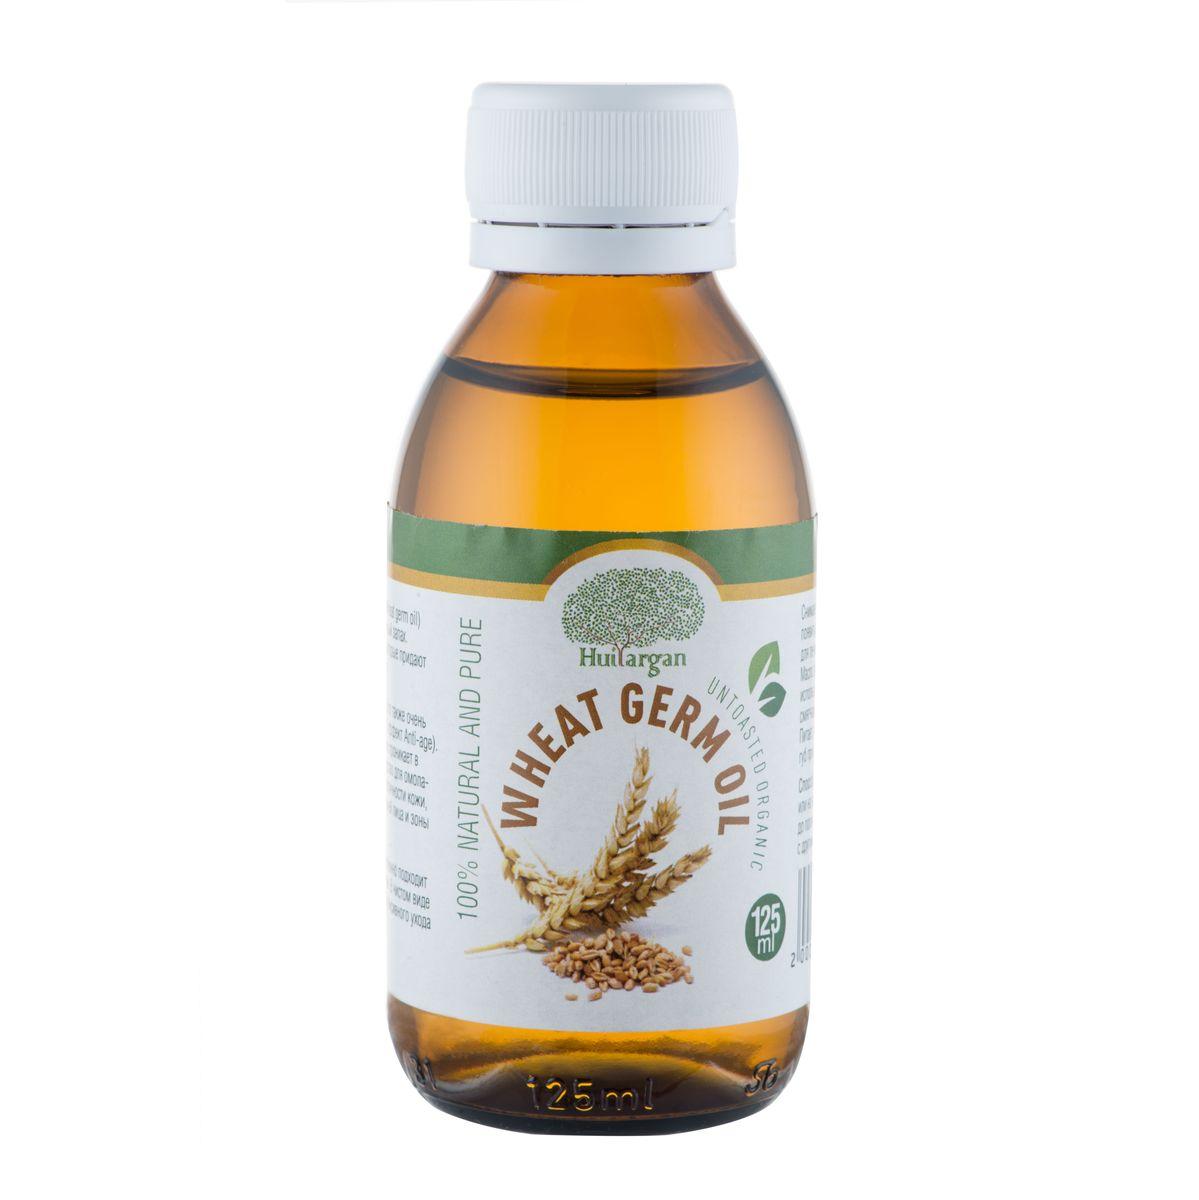 Huilargan Масло зародышей пшеницы, 100% органическое, 125 мл2000000008806Масло зародышей пшеницы (Wheat germ oil) имеет очень приятный солнечный запах. Оно содержит каротиноиды, которые придают ему его красивый желтый цвет. Богато кислотами омега-3, 6. Это также очень важный источник витамина Е ( эффект Anti-age). За счет того, что масло глубоко проникает в клетки кожи это отличное средство для омолаживания и восстановления эластичности кожи, рекомендуется для ухода за кожей лица и зоны декольте. Хорошо питает и защищает, особенно подходит для обезвоженной и сухой кожи. В чистом виде это идеальное средство для интенсивного ухода за потрескавшейся кожей. Снимает воспаления, которые могут появиться на коже. Прекрасно подходит для лечения угрей и прыщей на коже. Масло зародышей пшеницы может использоваться для снятия макияжа и как смягчающее средство для кожи лица и тела. Питает, тонизирует и защищает кожу рук и губ при холодной погоде.